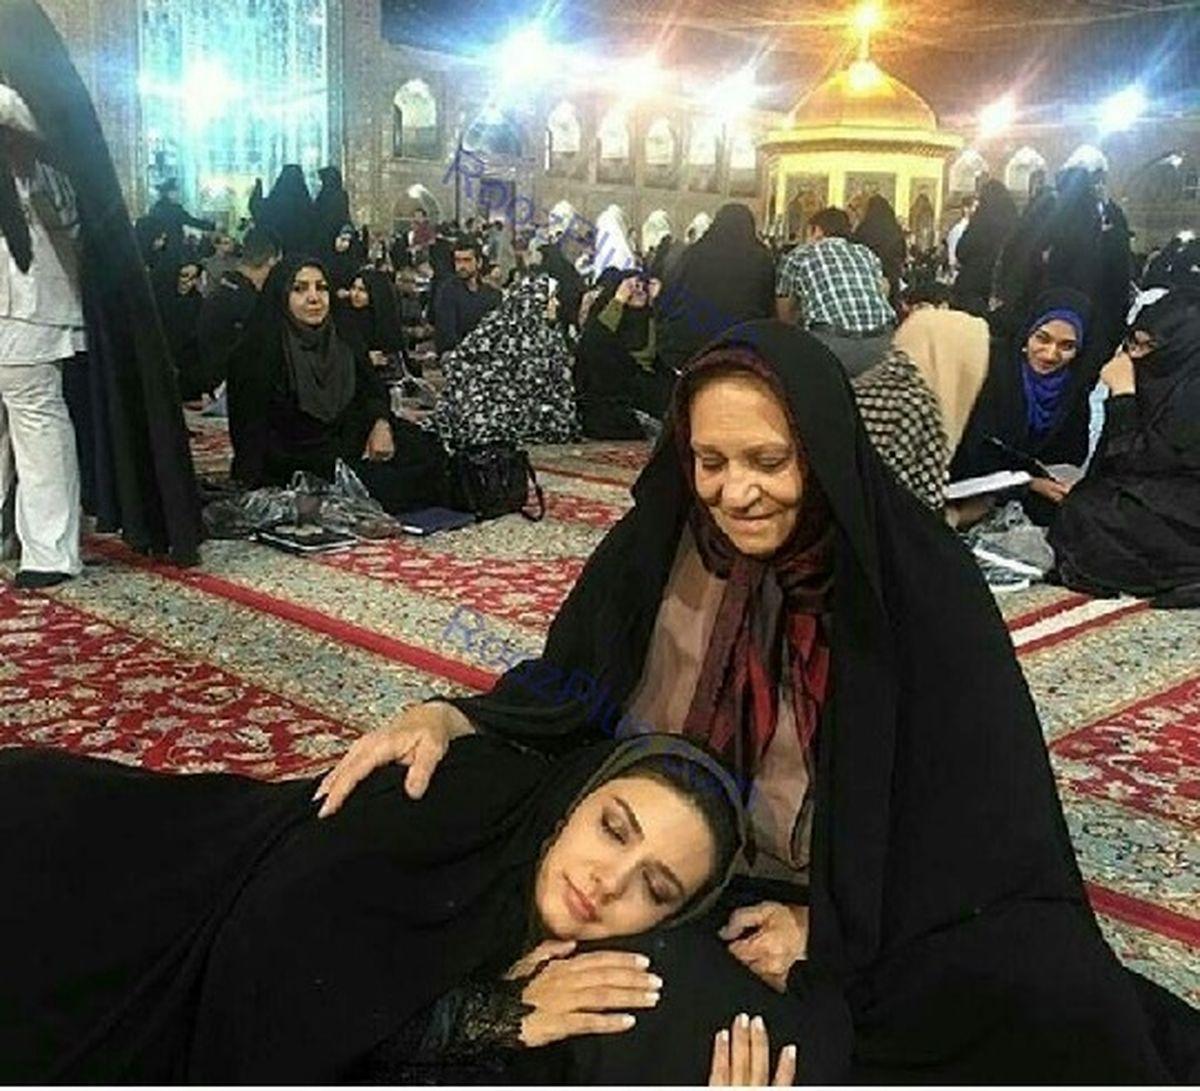 وقتی خانم بازیگر در حرم امام رضا می خوابد + عکس